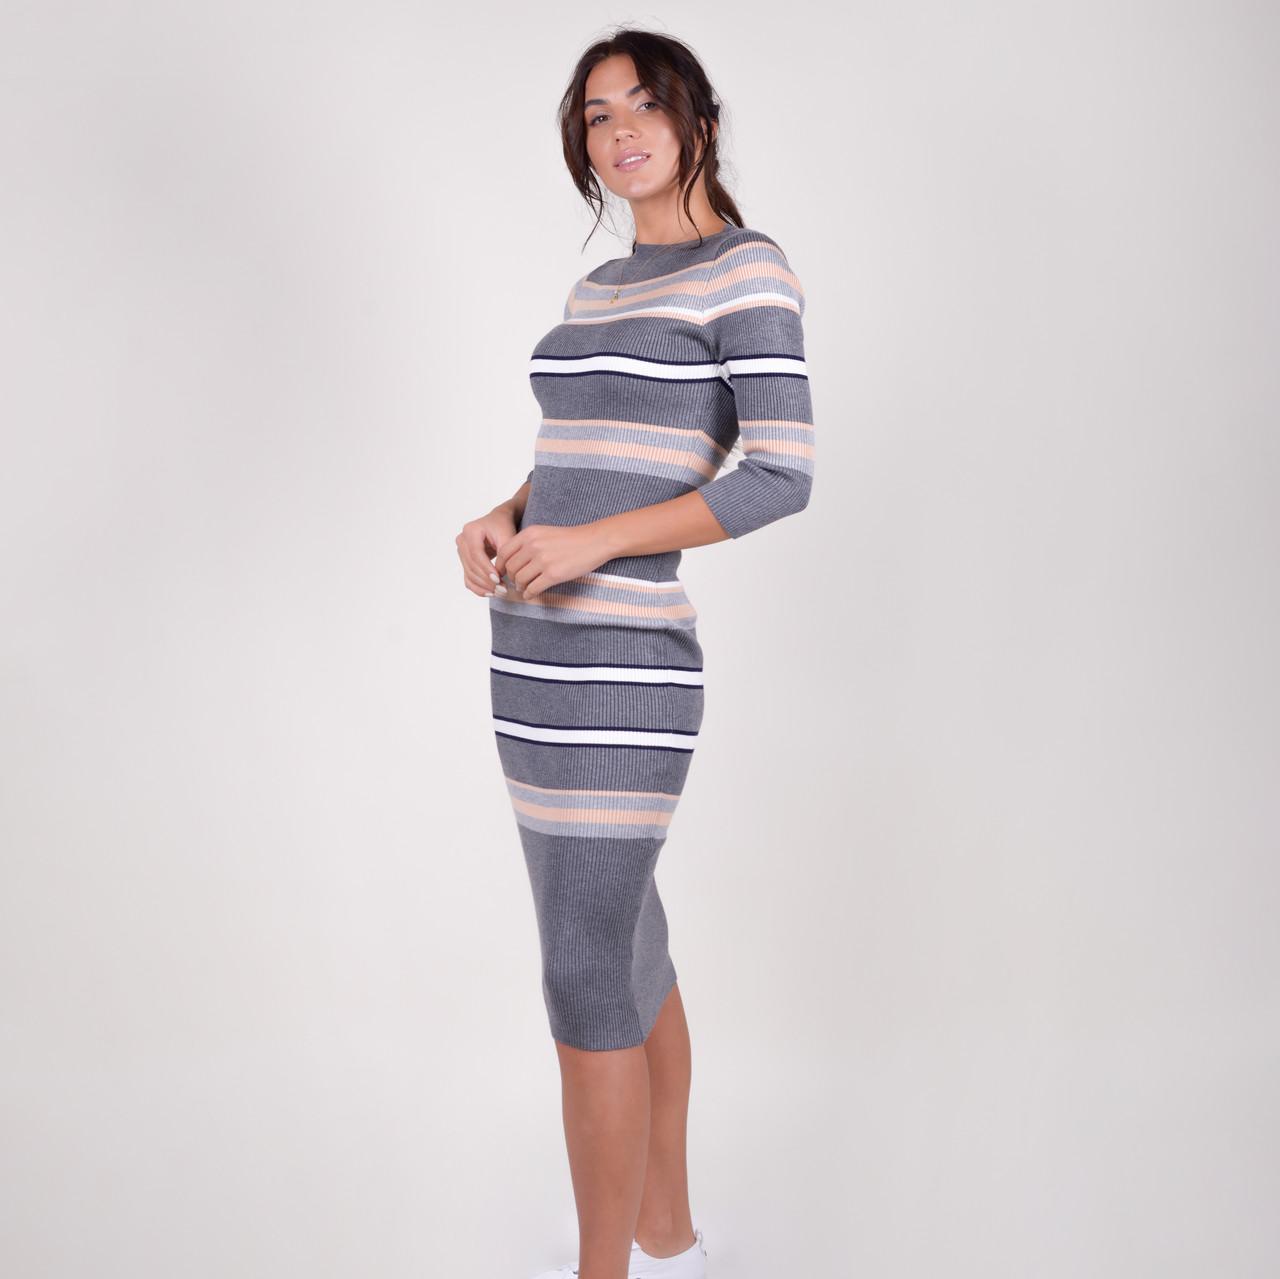 Трикотажне приталене смугасте плаття-міді в рубчик у 3 кольорах в універсальному розмірі